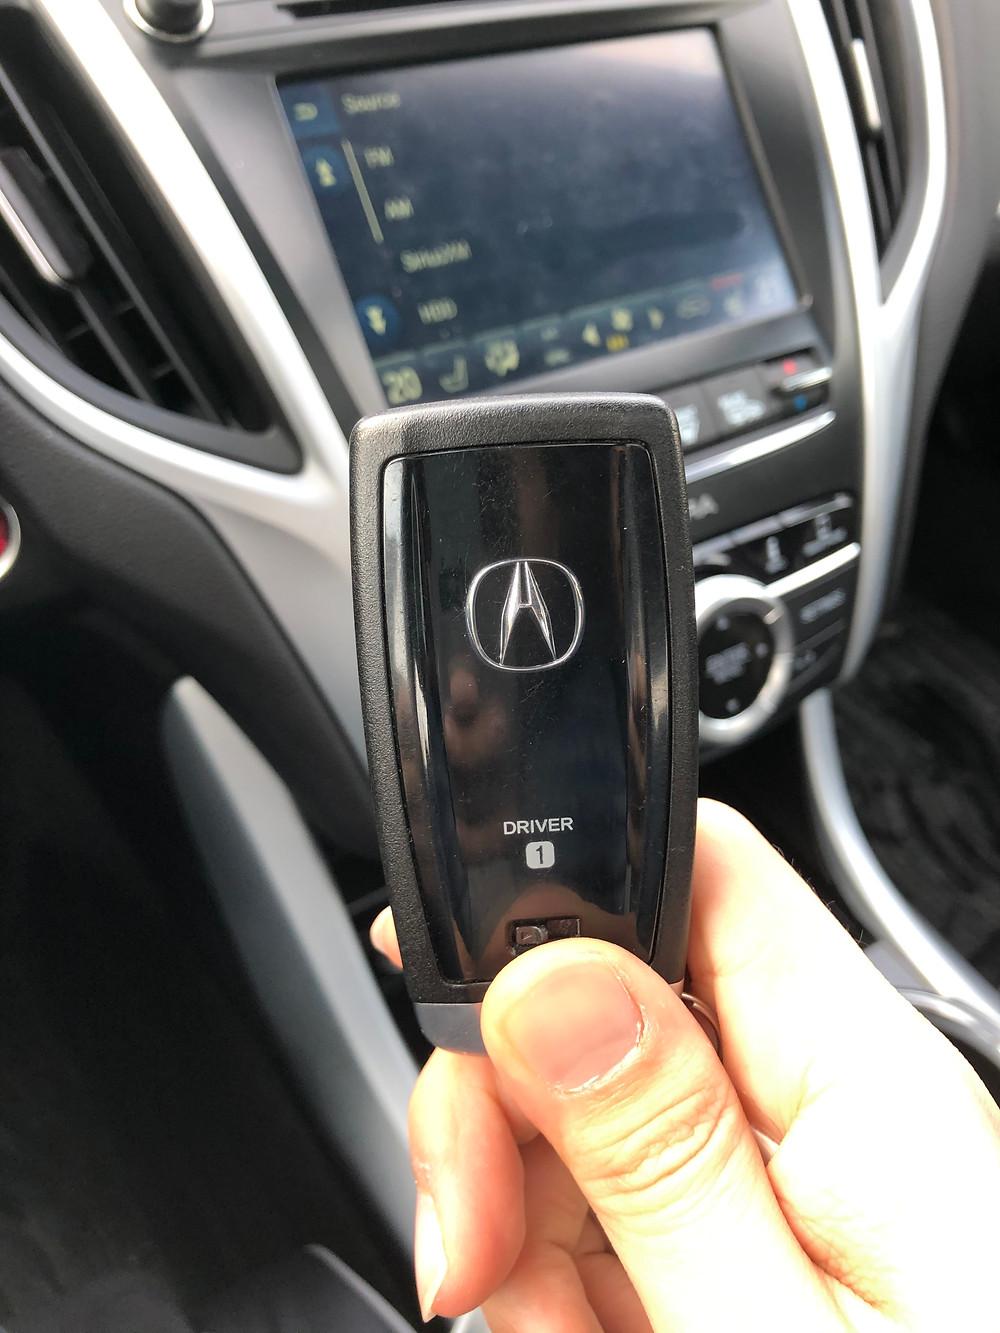 Acura TLX Key Fob